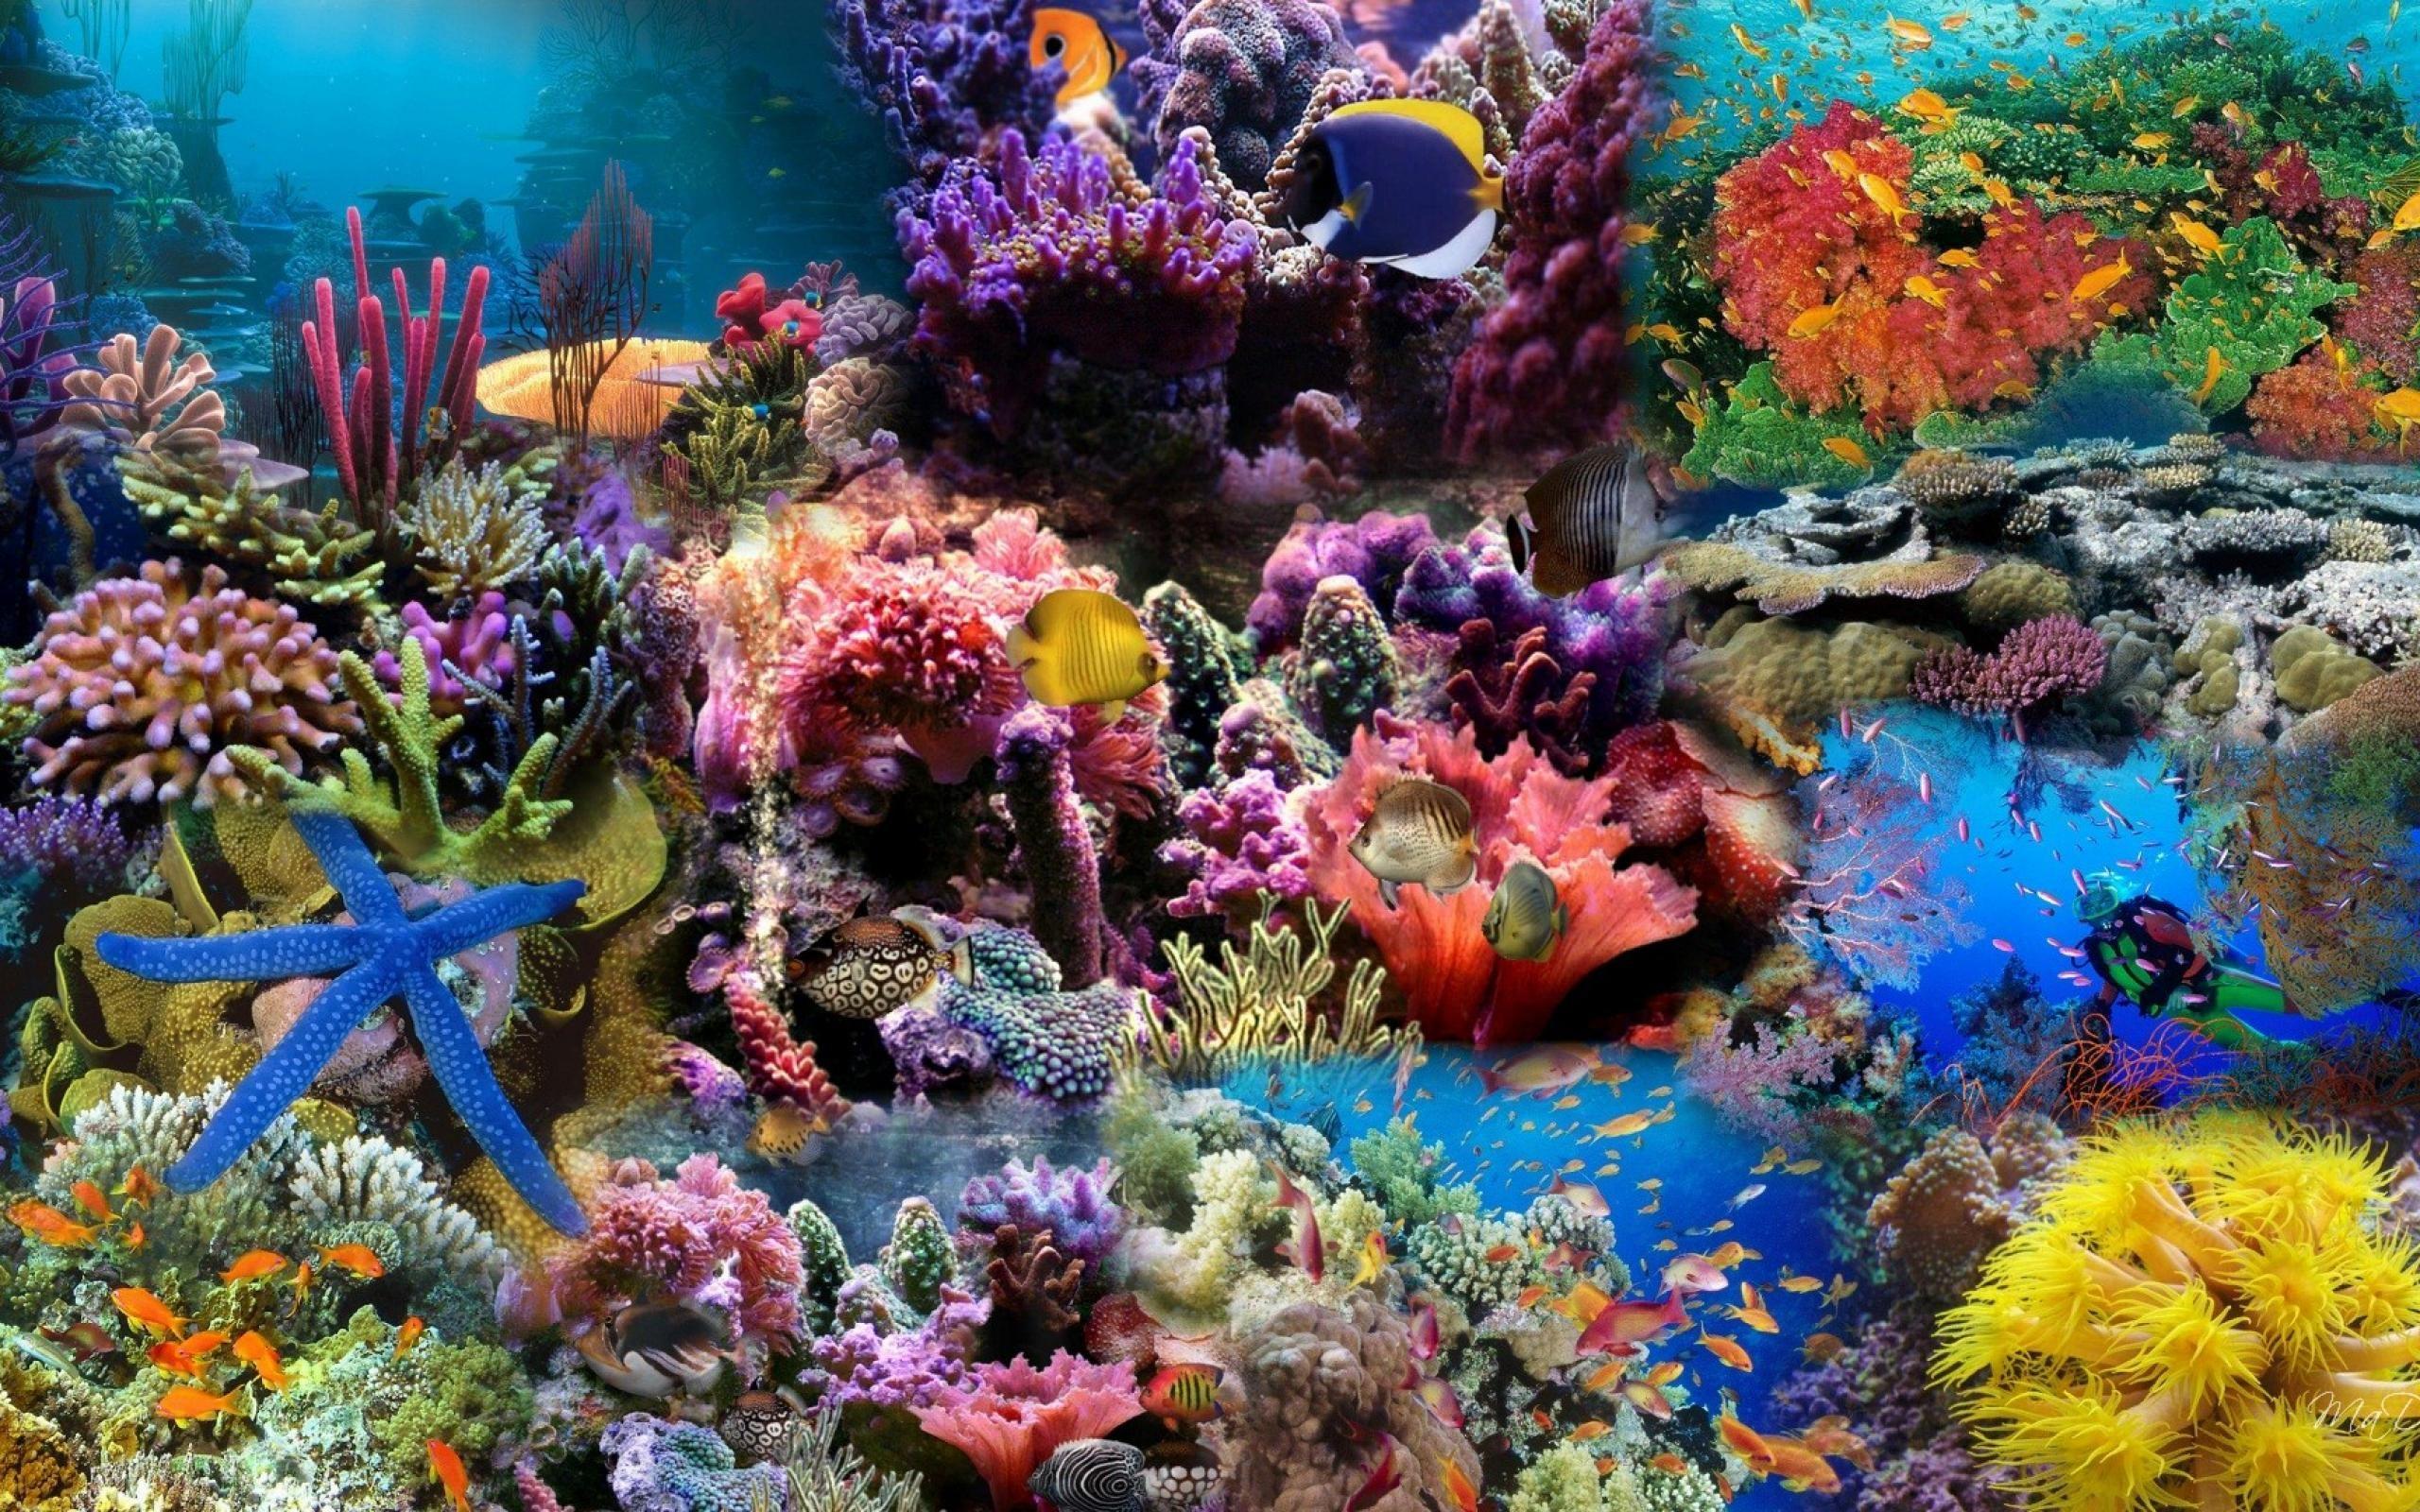 Các hoạt động xây dựng trái phép của Trung Quốc tại Trường Sa đang hủy hoại nghiêm trọng san hô ở Biển Đông